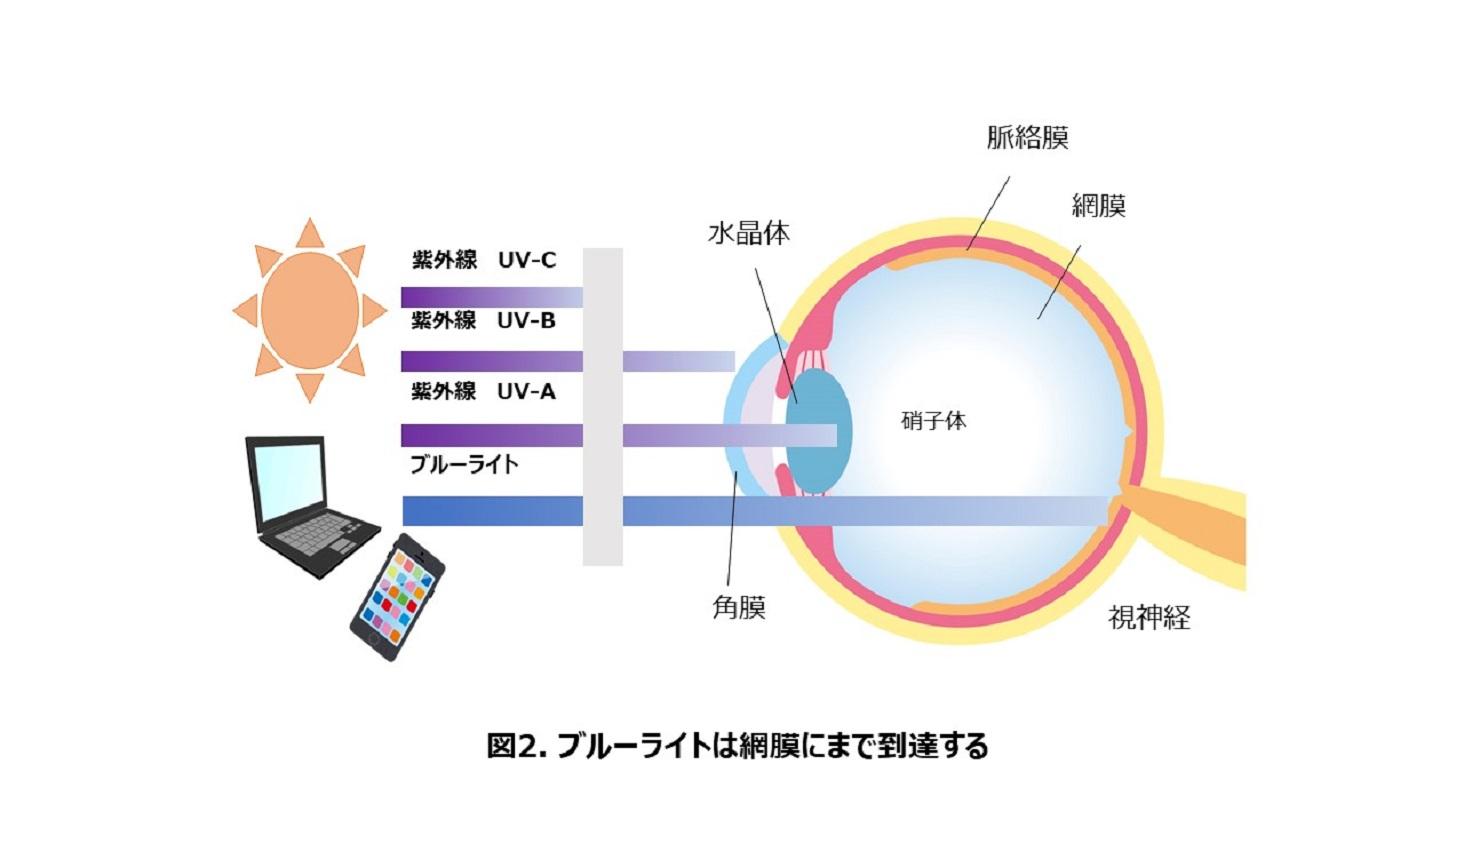 ブルーライトが目の網膜まで届くことを示した図